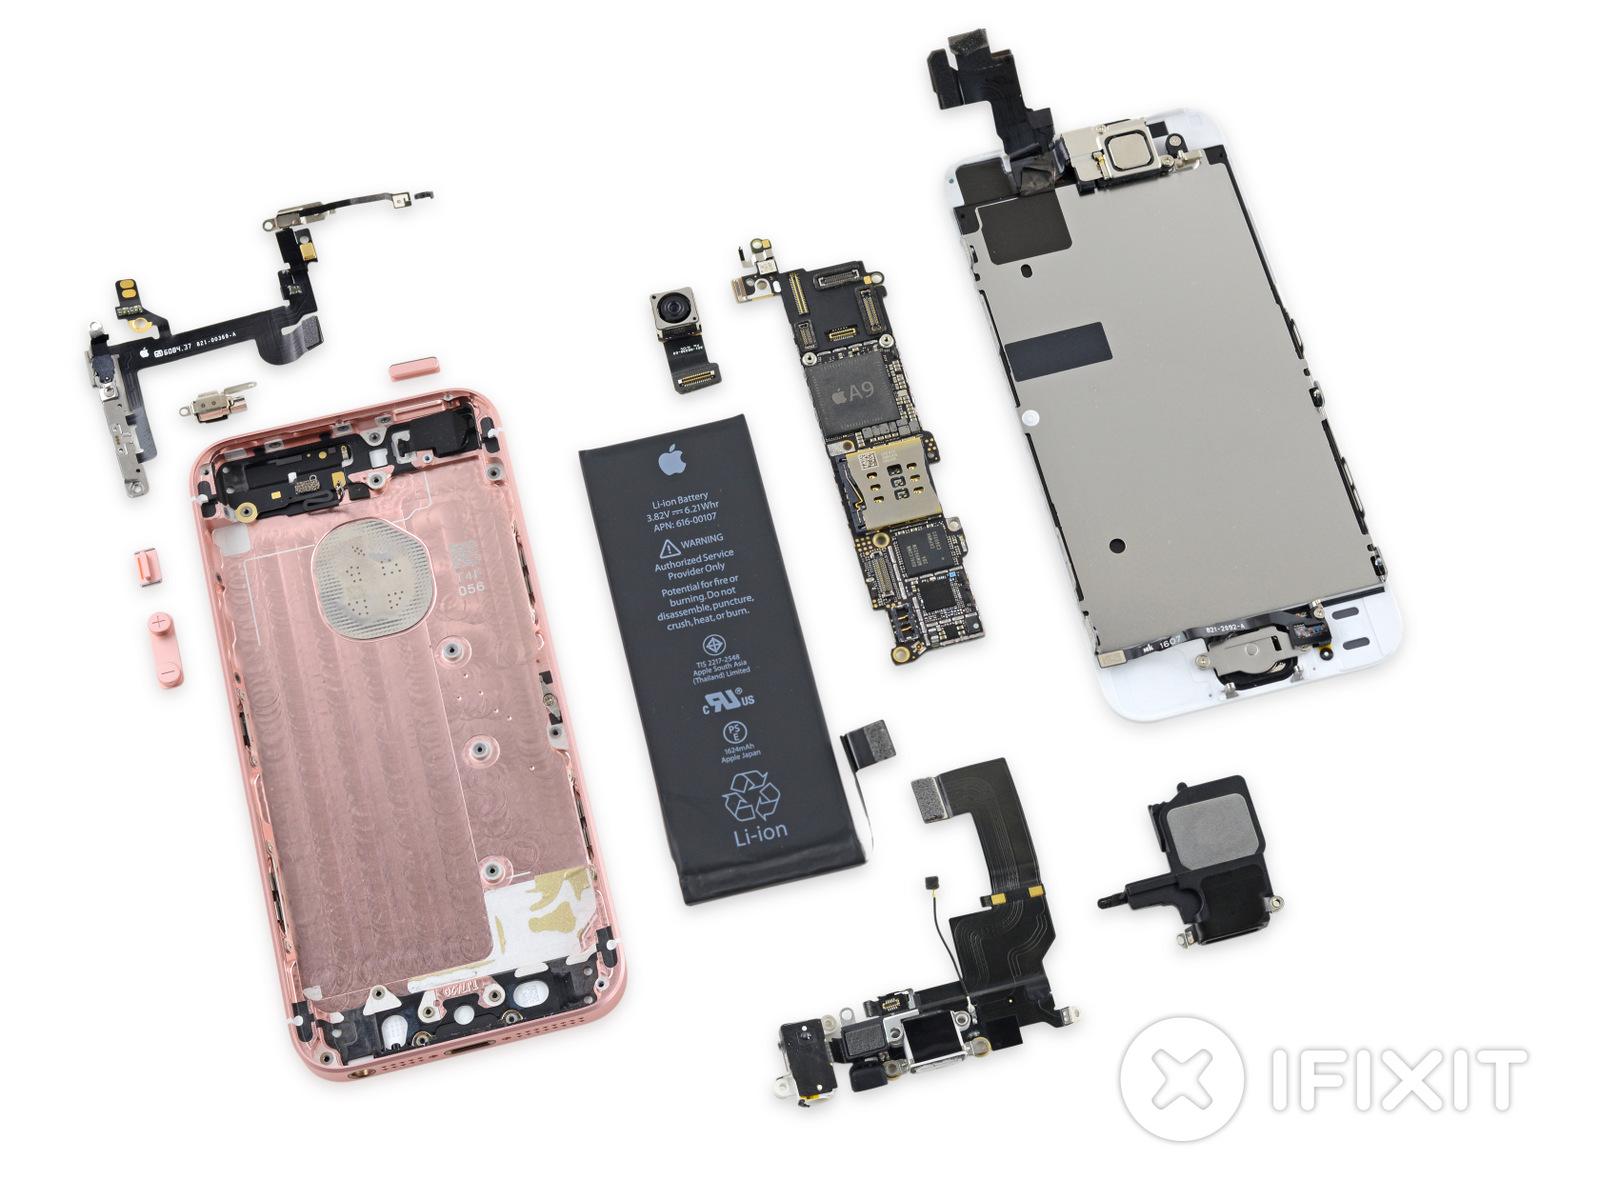 Apple-iPhone-SE-teardown.jpg